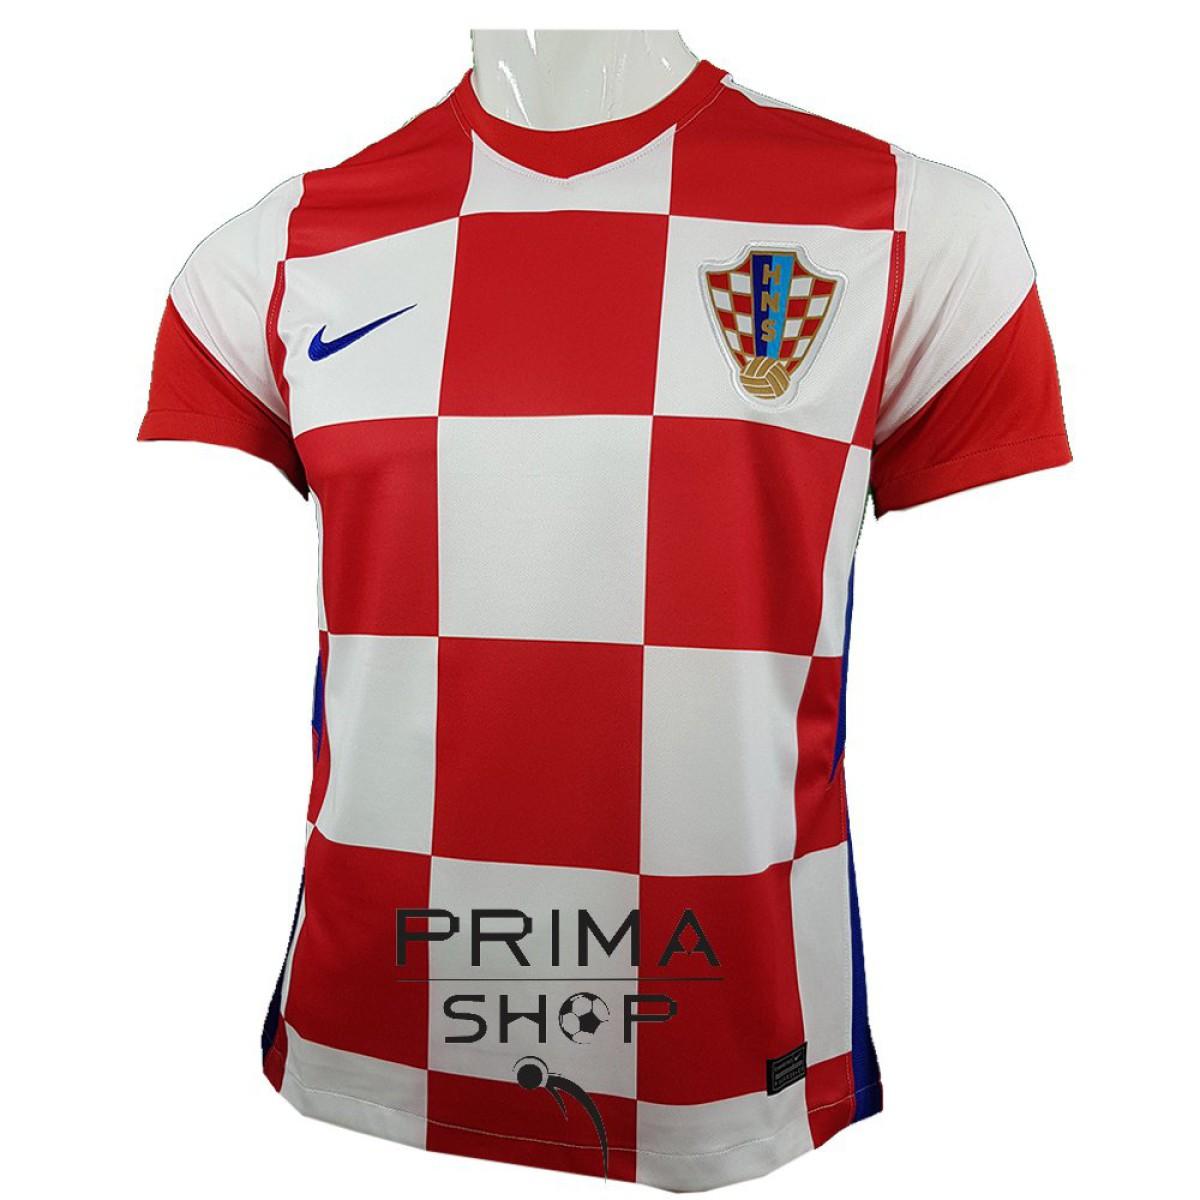 لباس کرواسی 2020 | لباس تیم ملی کرواسی